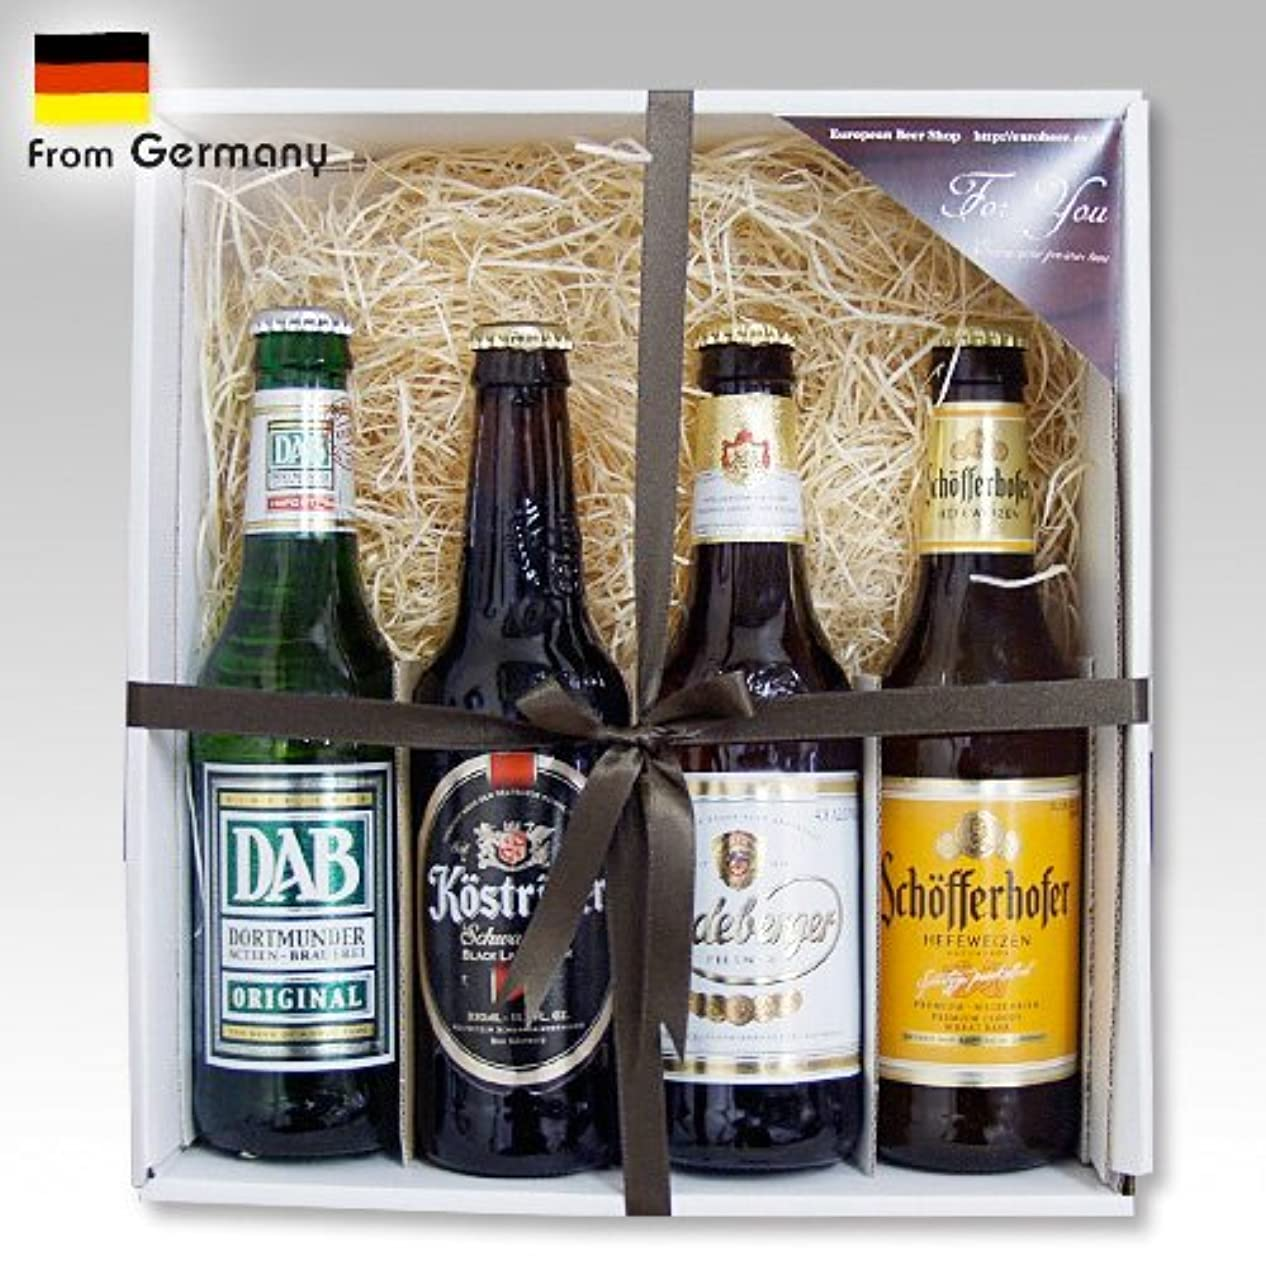 幻影プライバシー広々とした【即日発送ギフト】人気ドイツビール4種4本B(ラーデベルガーピルスナー?シェッファーホッファー ヘフェヴァイツェン?ダブ オリジナル?ケストリッツァー シュヴァルツビア)セット[飲み比べセット] (通常ギフト)